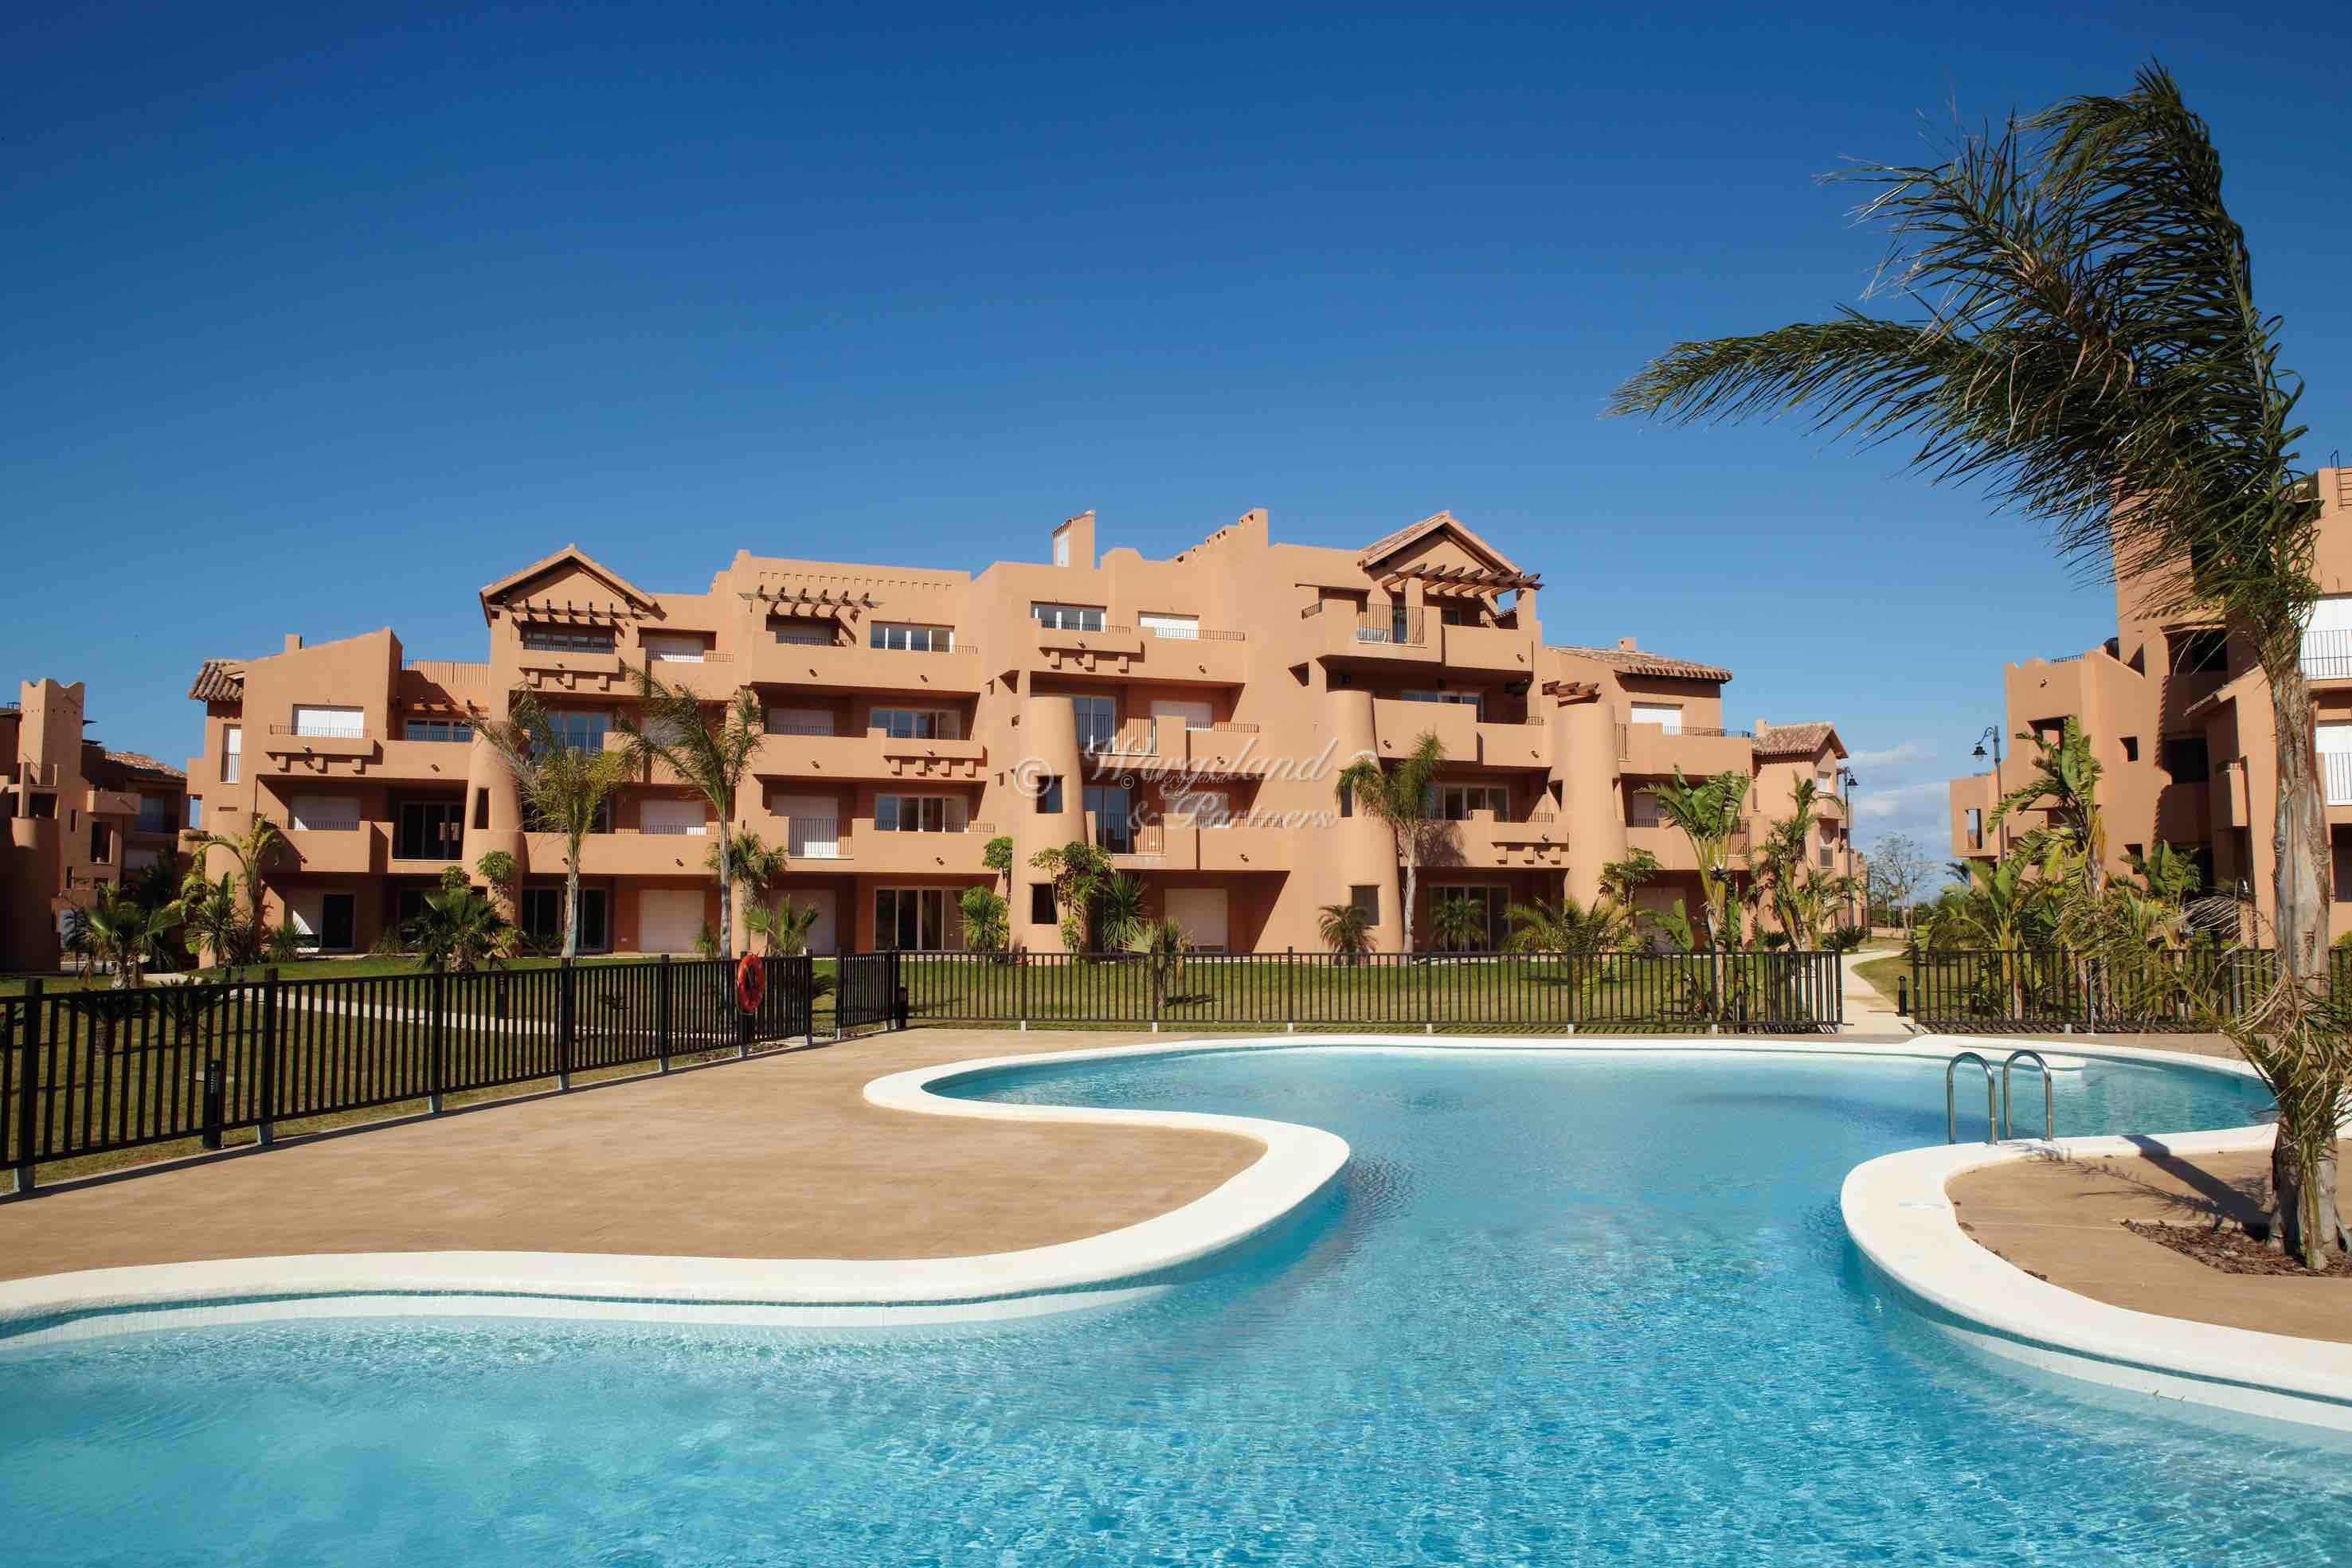 90 stk 2-roms leiligheter direkte fra banken. 6 til 56 m2 terrasse. Pris fra 59.225 til 100.000€ [MM1]